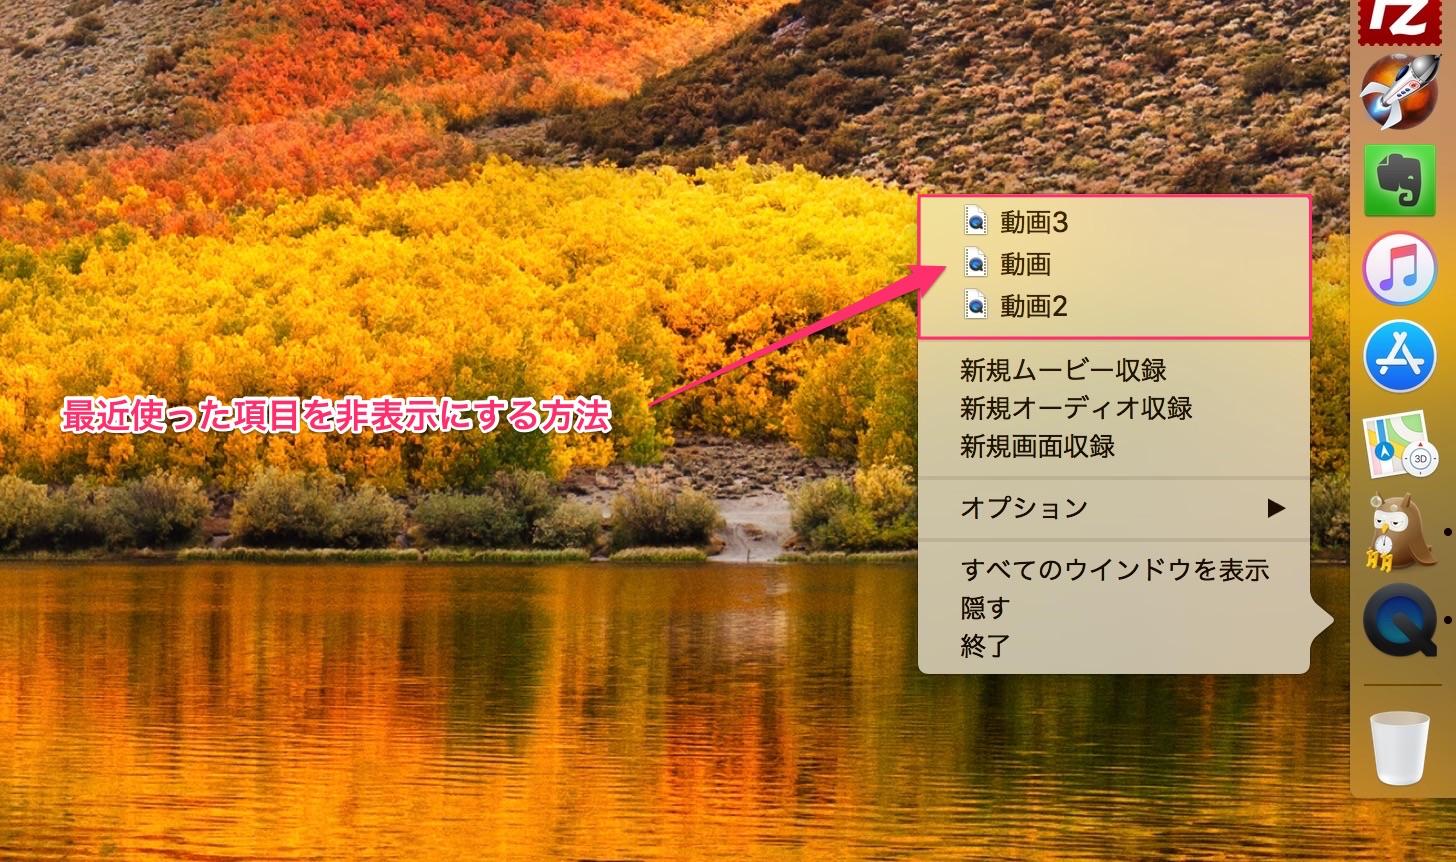 Macの最近使った項目(ファイル)を非表示にする方法。